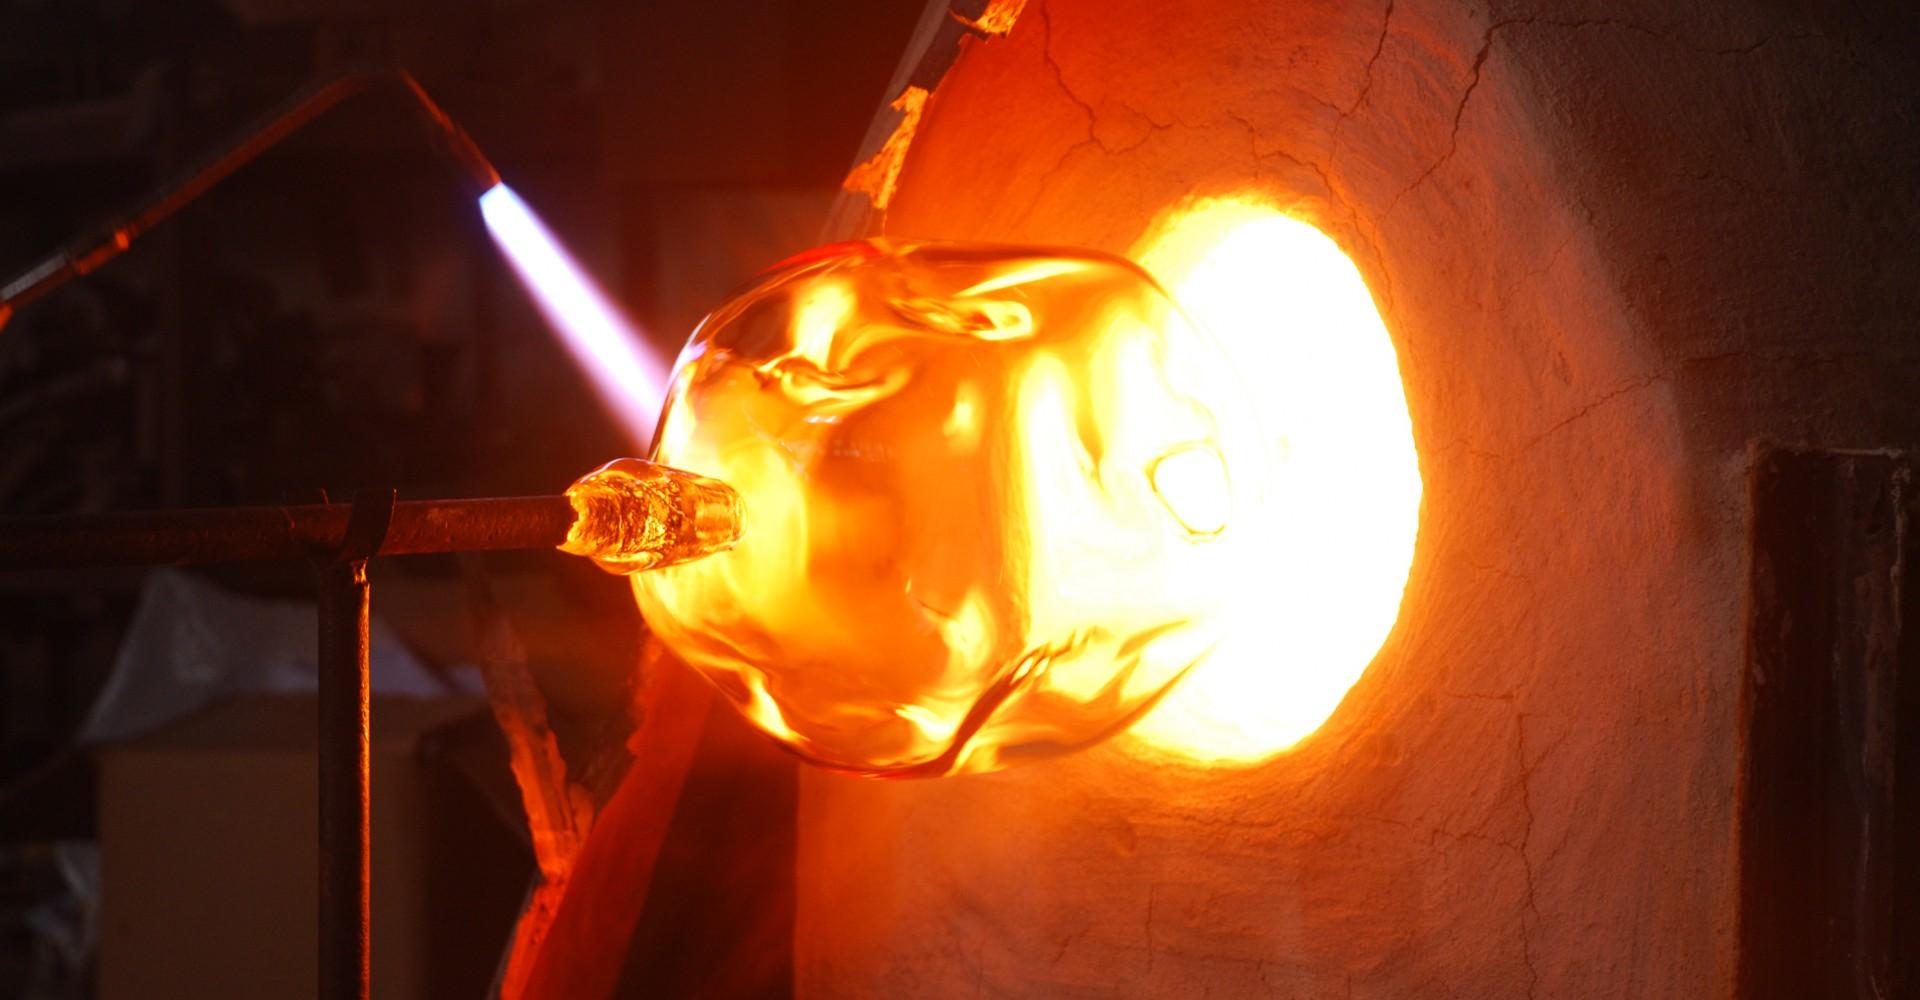 BIDANLI LIGHTING-Glass Blowing